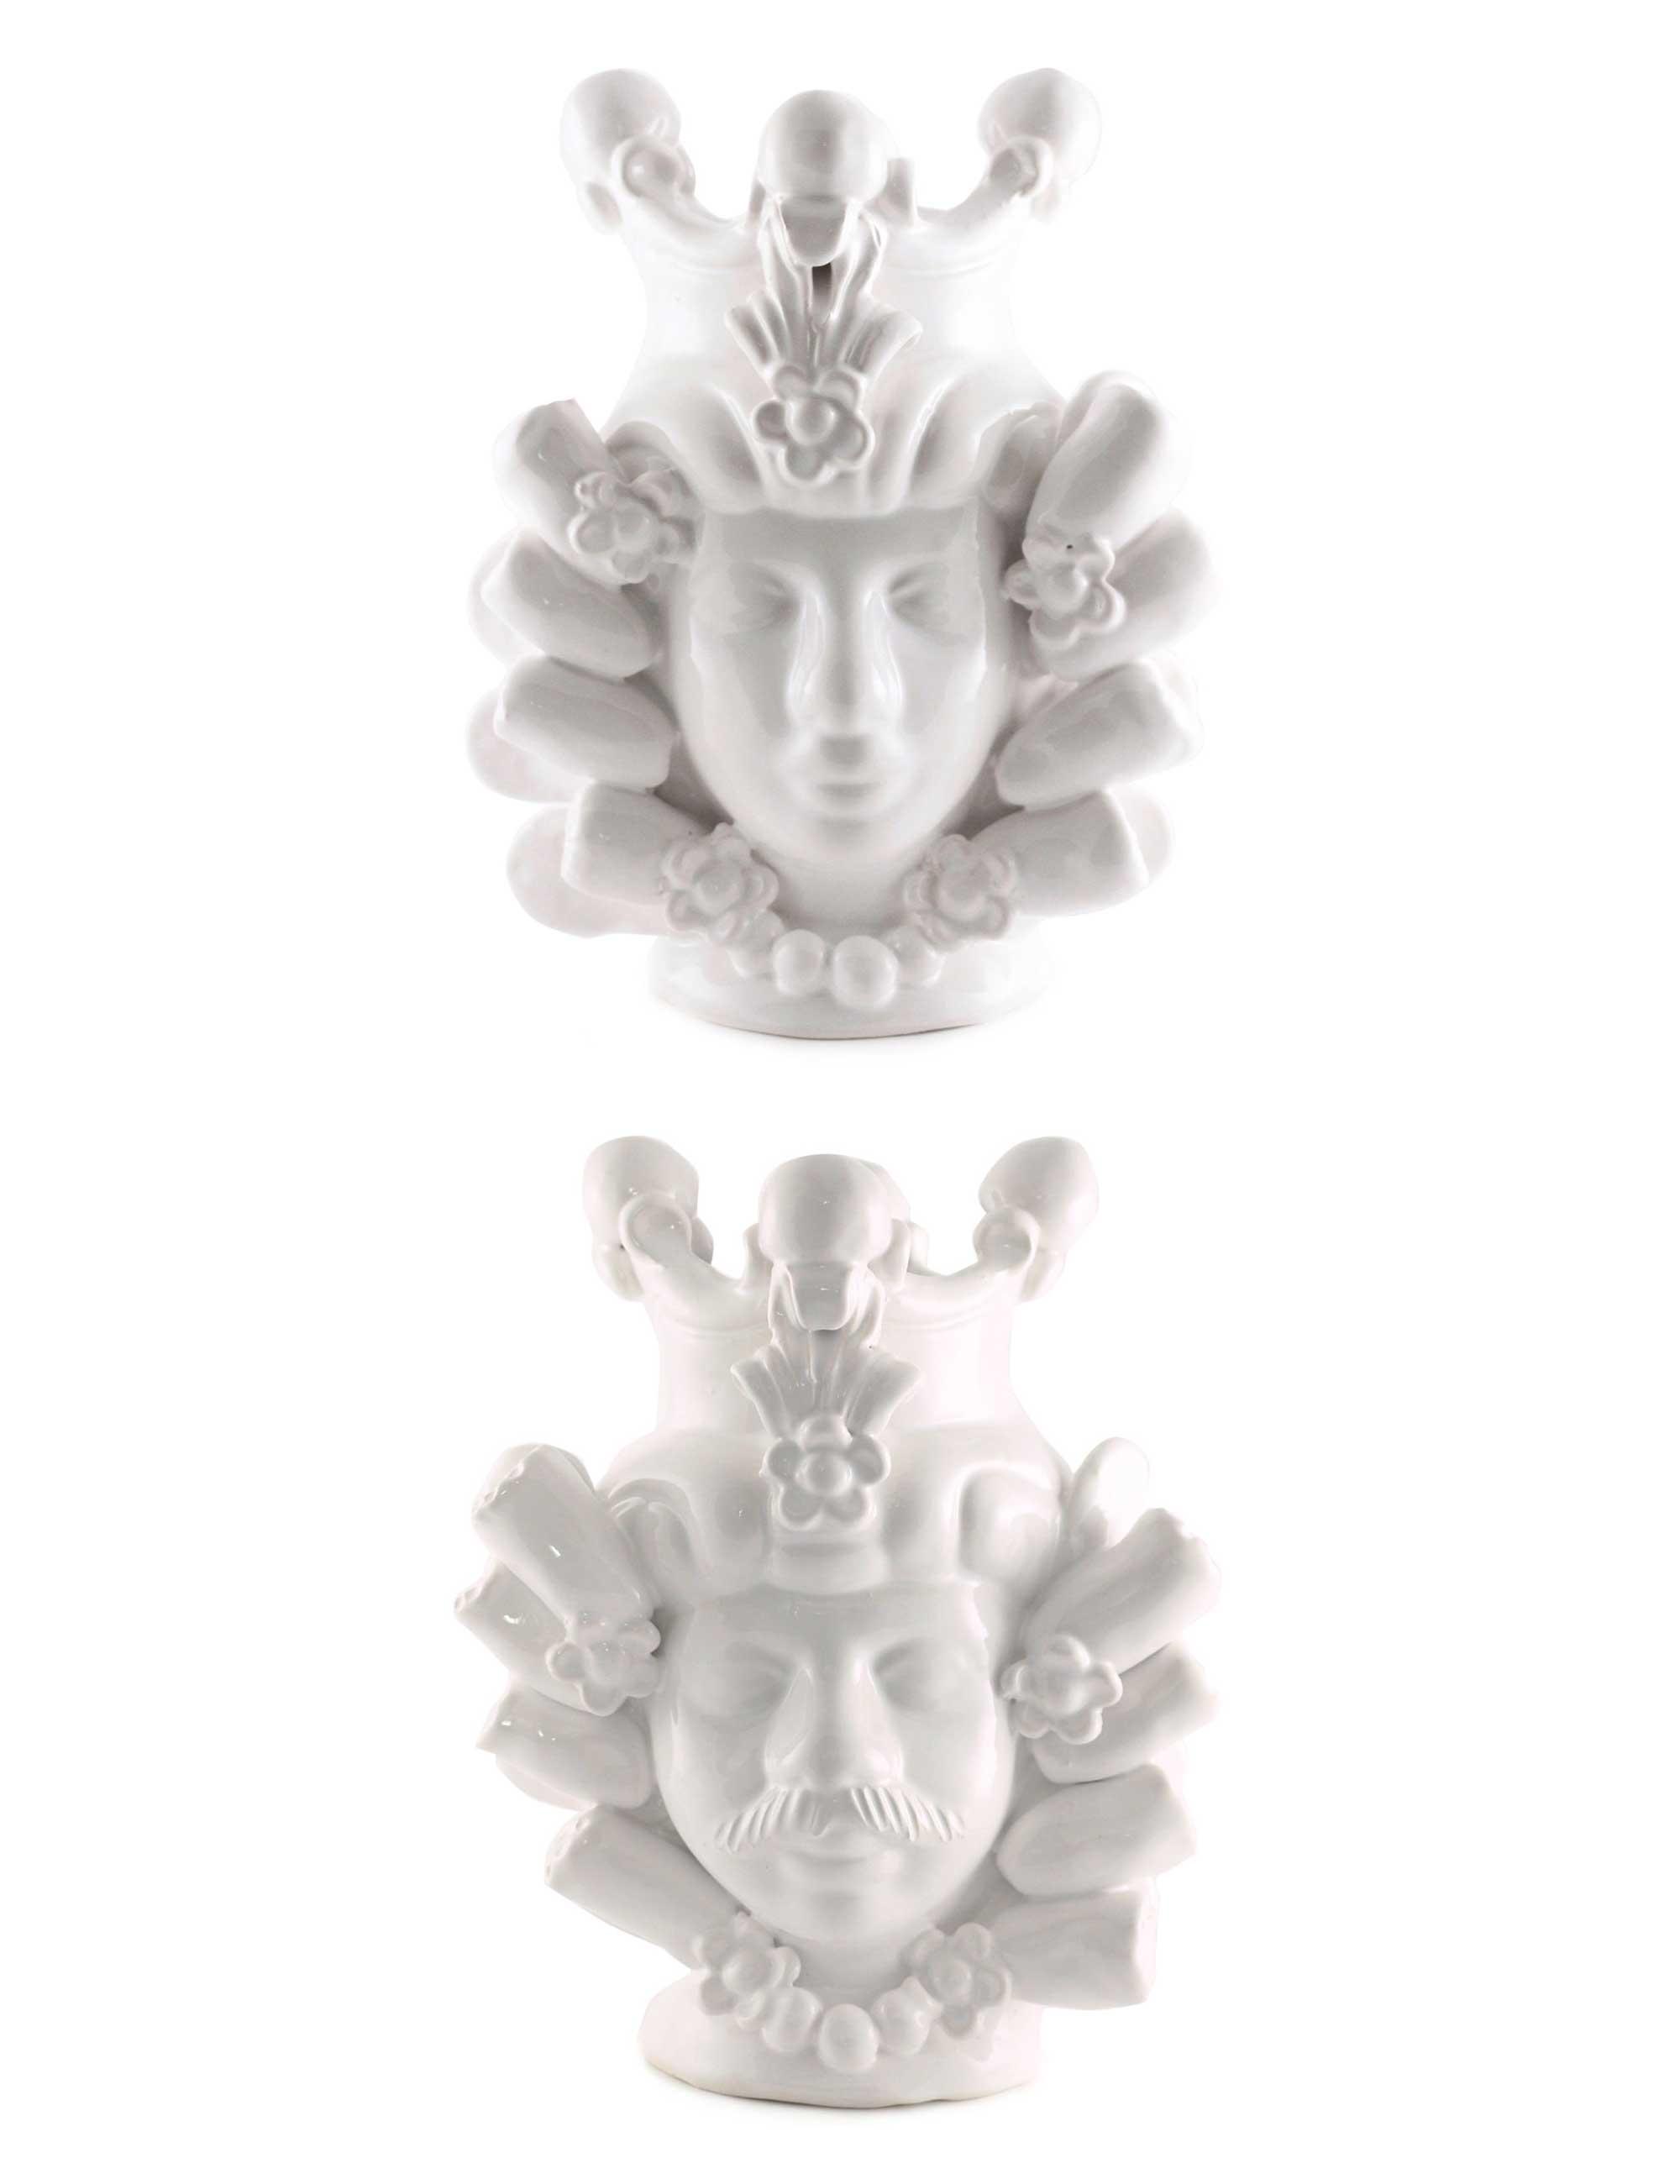 Coppia teste di moro piccole Bettina e Onofrio smalto bianco ceramica caltagirone